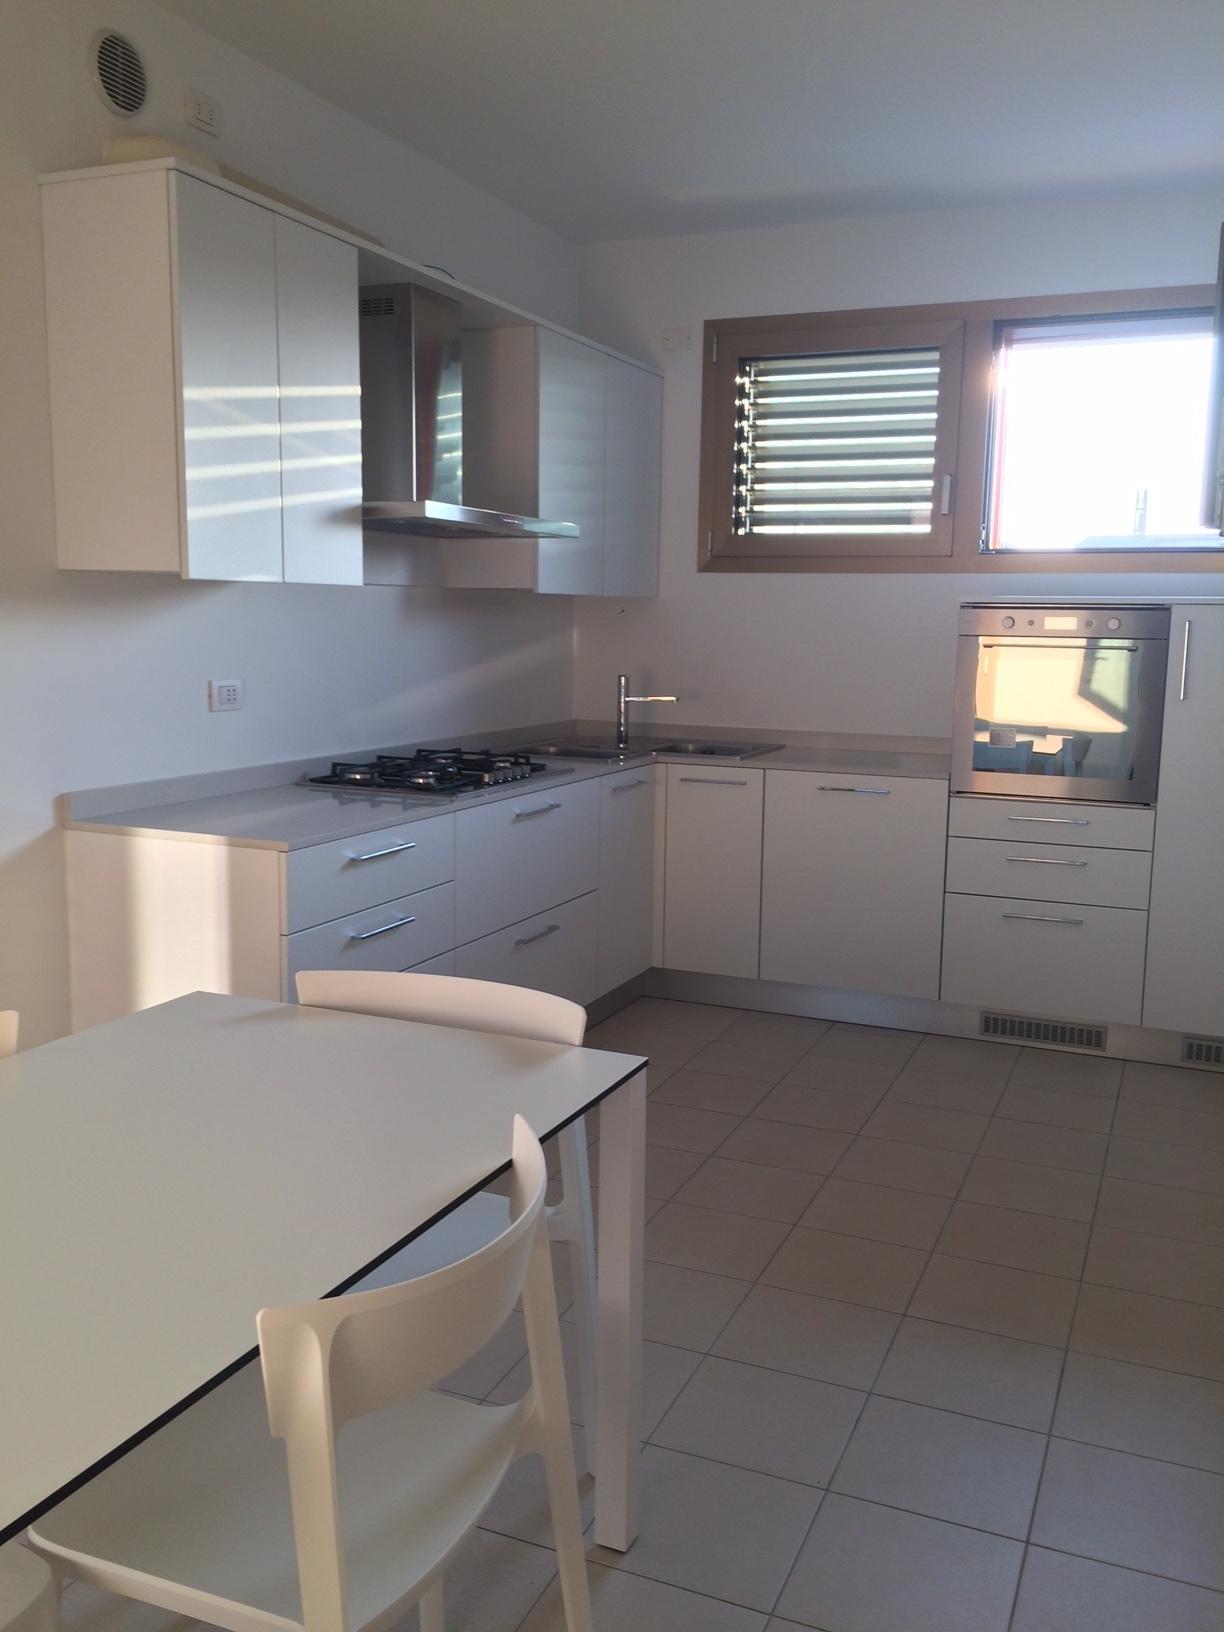 Appartamento in affitto a Treviso, 4 locali, zona Località: Intornomura, prezzo € 1.500 | Cambio Casa.it